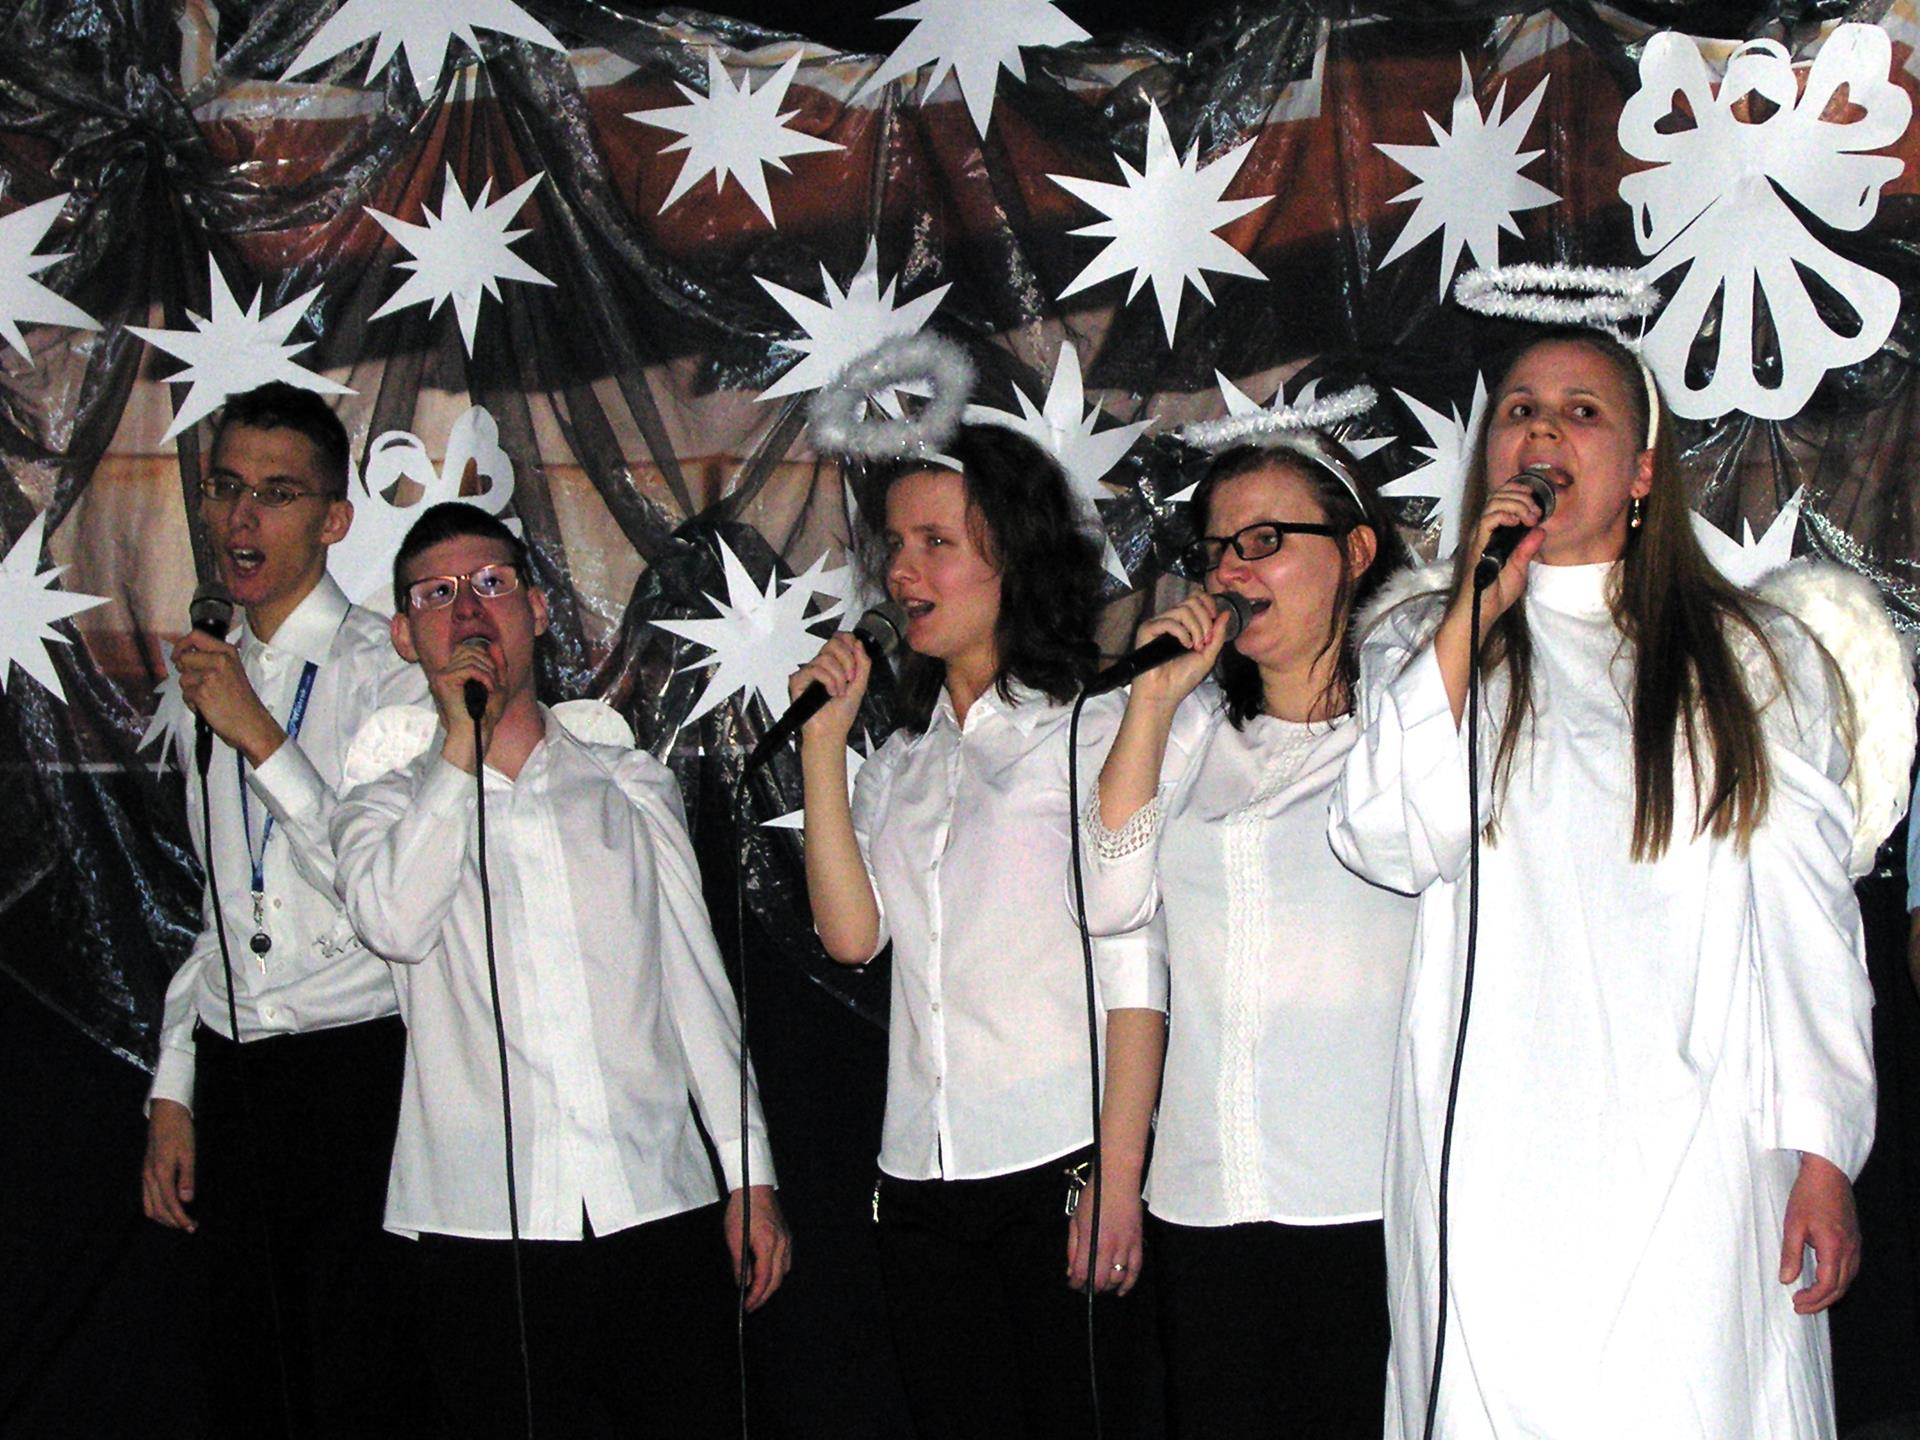 Na scenie śpiewa pięć osób (trzy kobiety, dwóch mężczyzn). Kobiety są przebrane za aniołki.